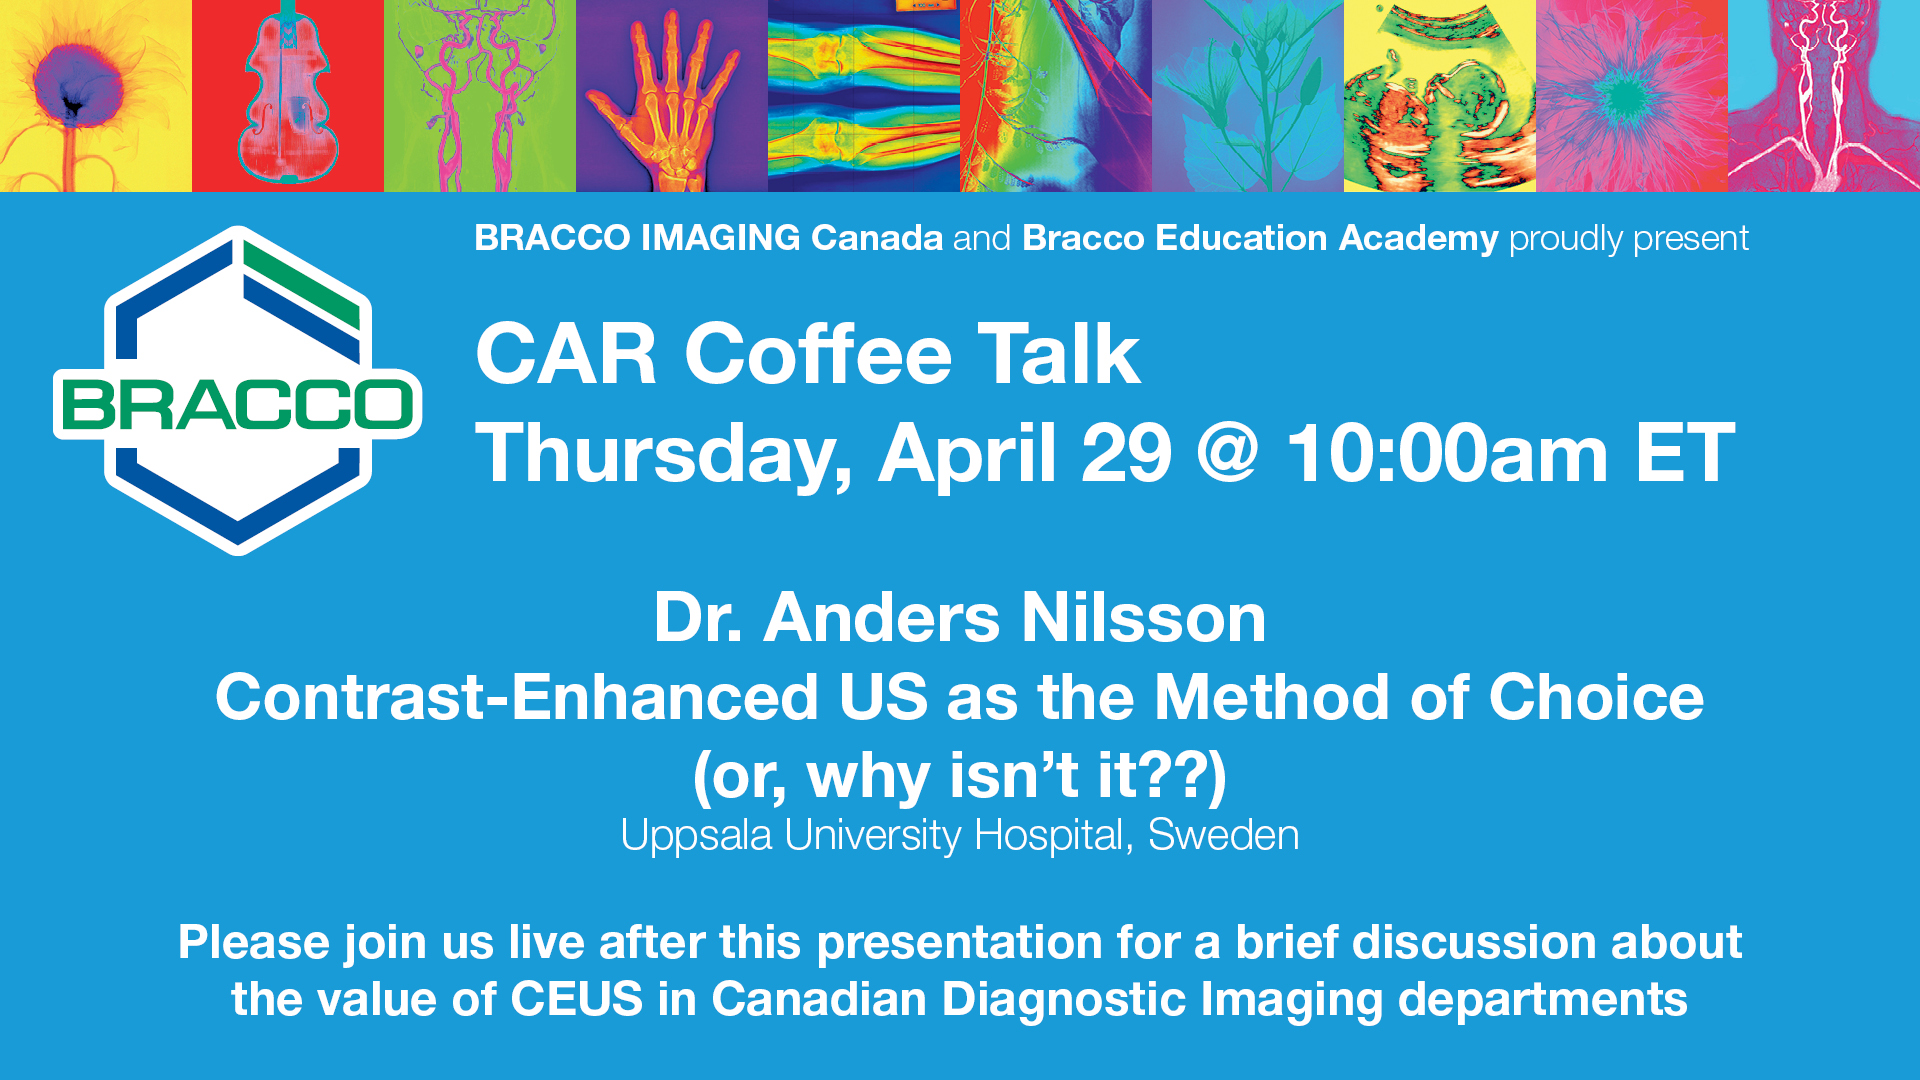 CAR-BRACCO-coffee-talk-ad-1920-1080